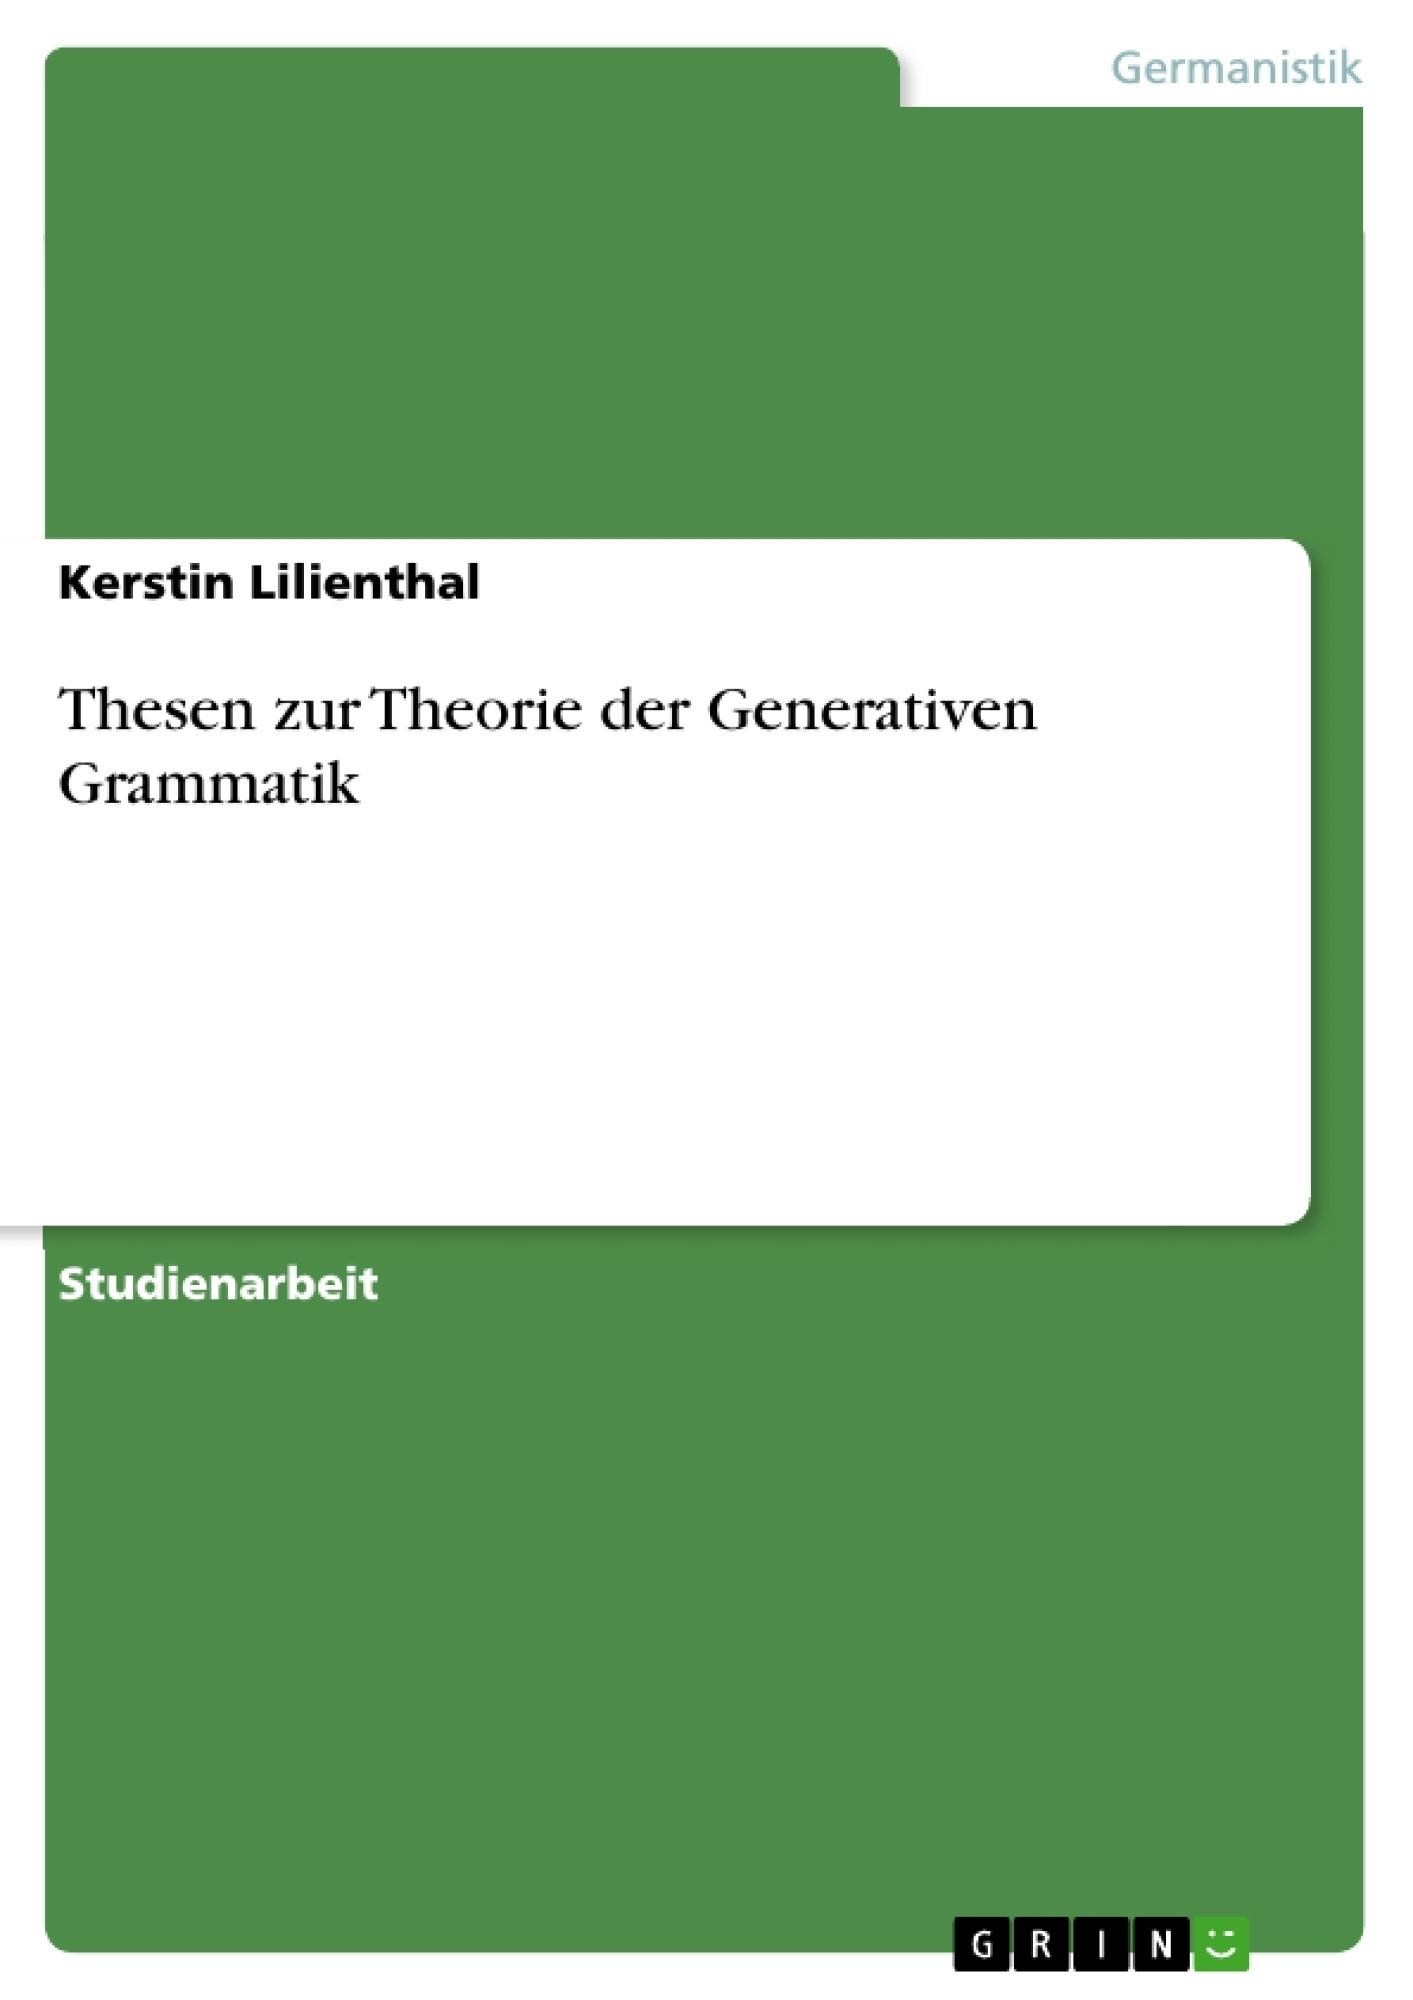 Titel: Thesen zur Theorie der Generativen Grammatik